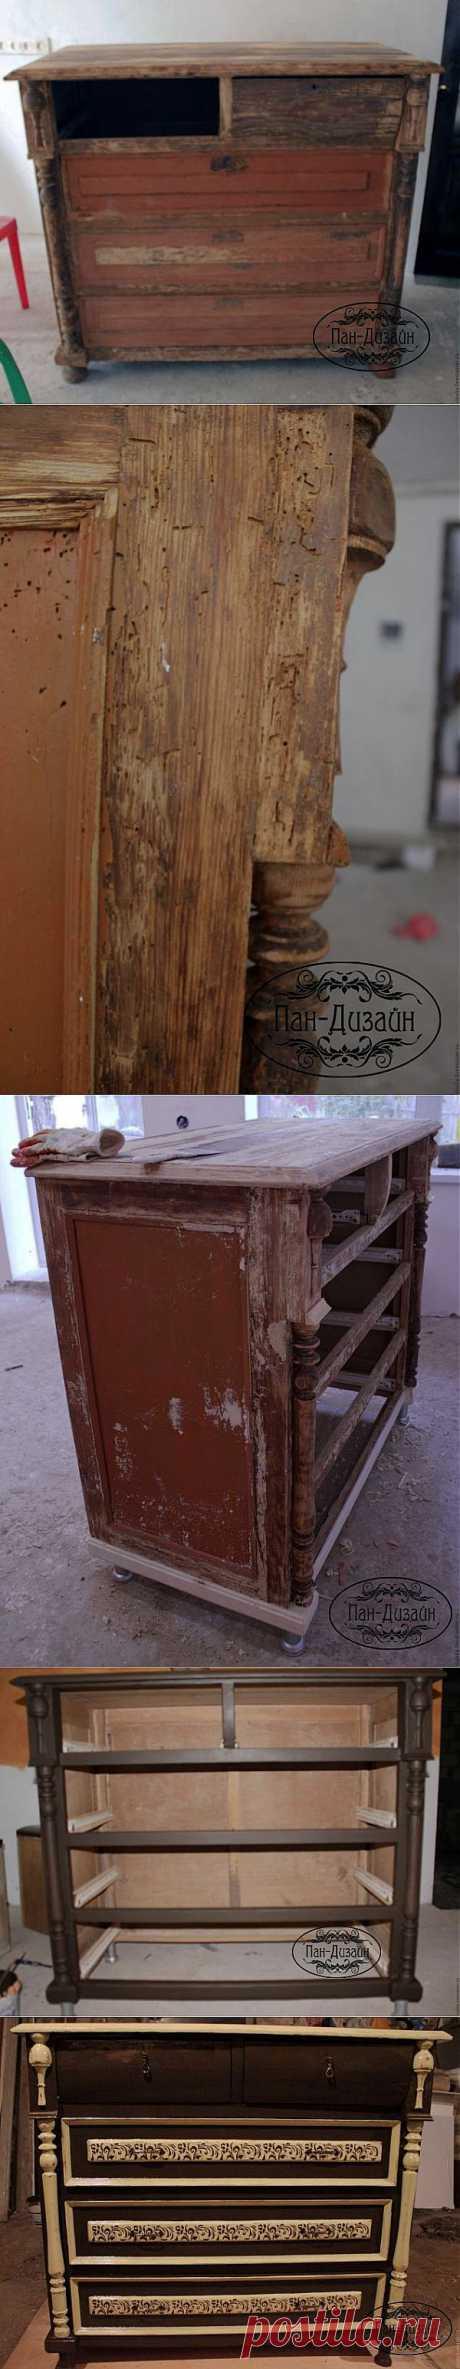 Классика и немного Шебби Шика, реставрация старого комода - Ярмарка Мастеров - ручная работа, handmade